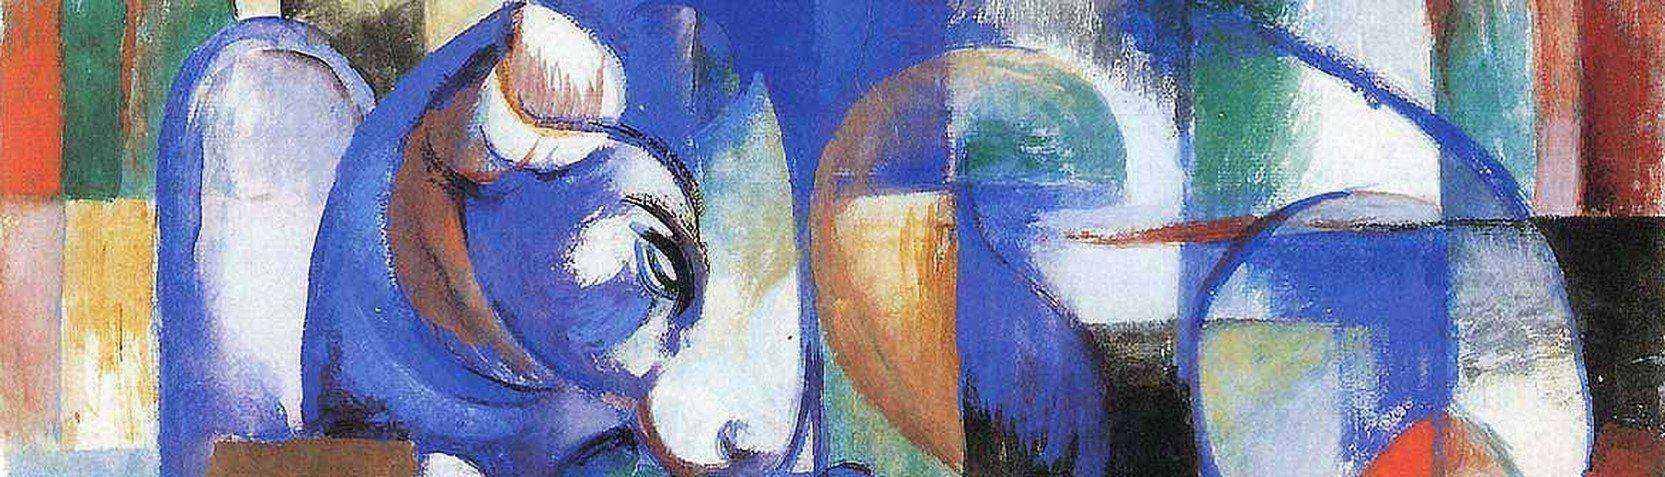 Artistas - Franz Marc